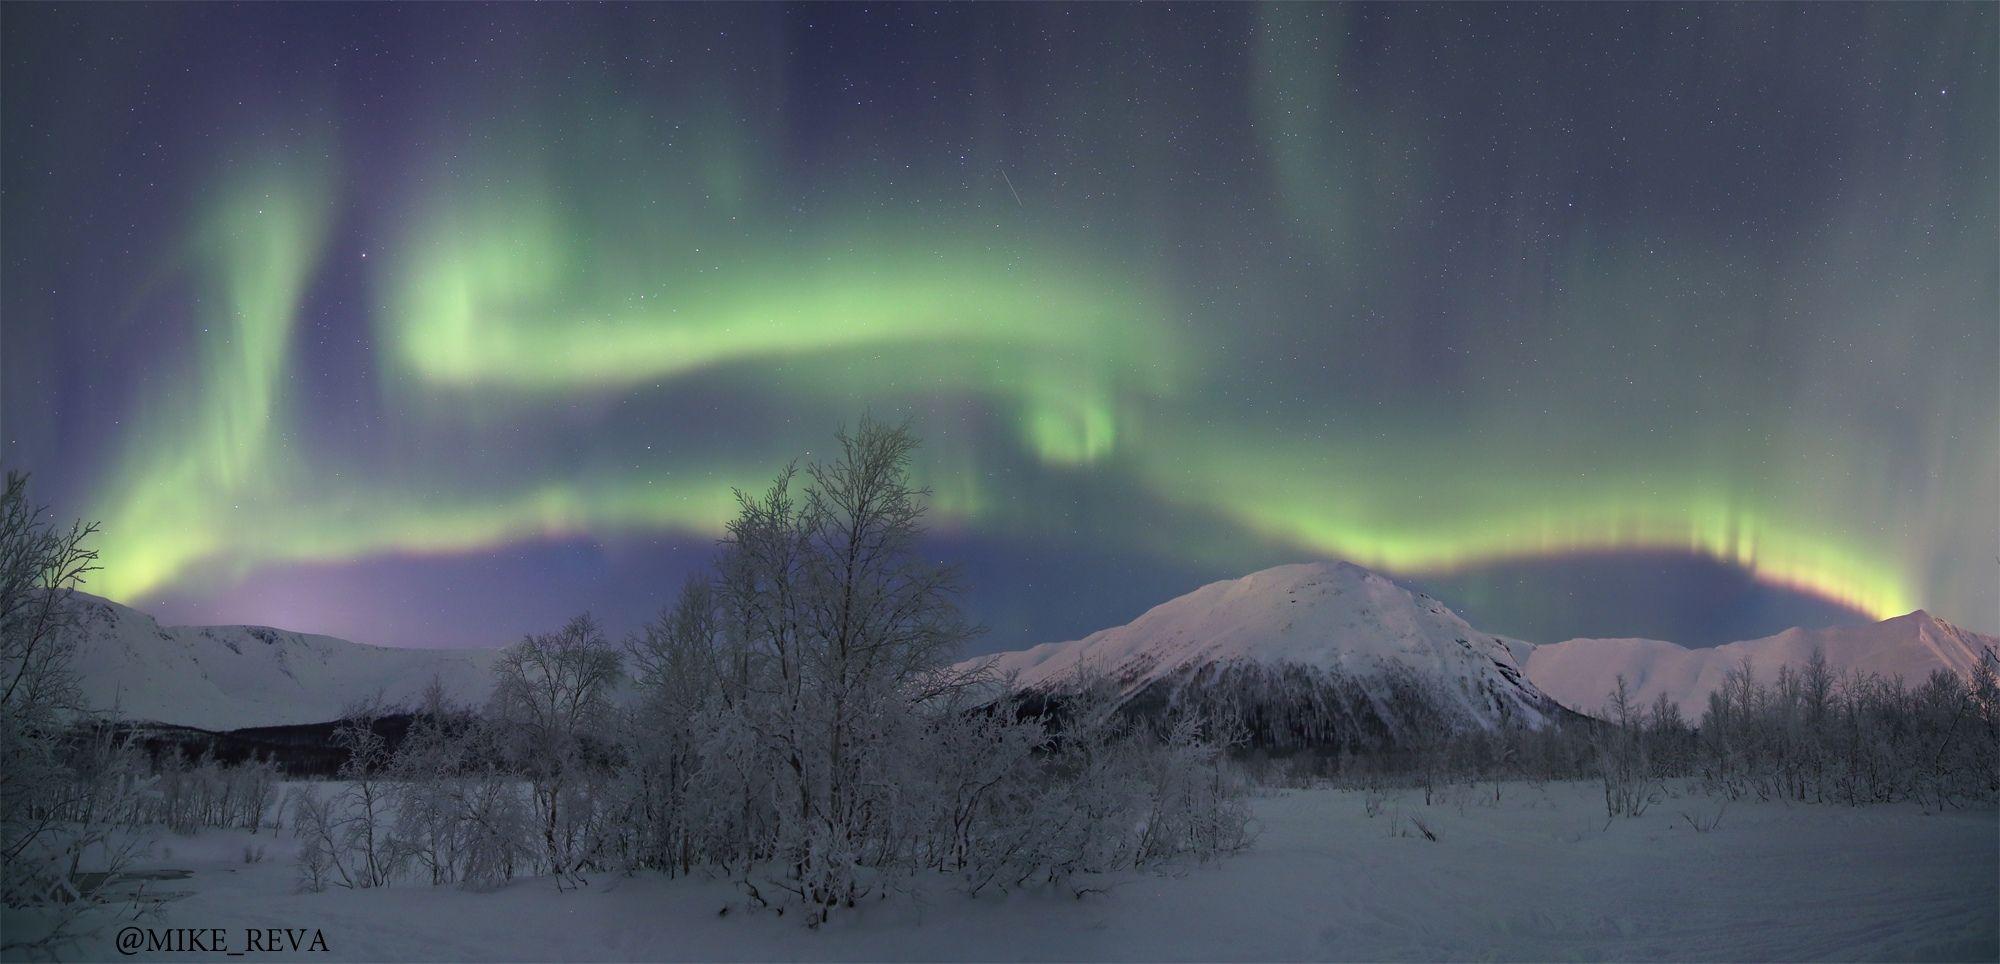 хибины звезды северное сияние ночной пейзаж астрофотография, Рева Михаил